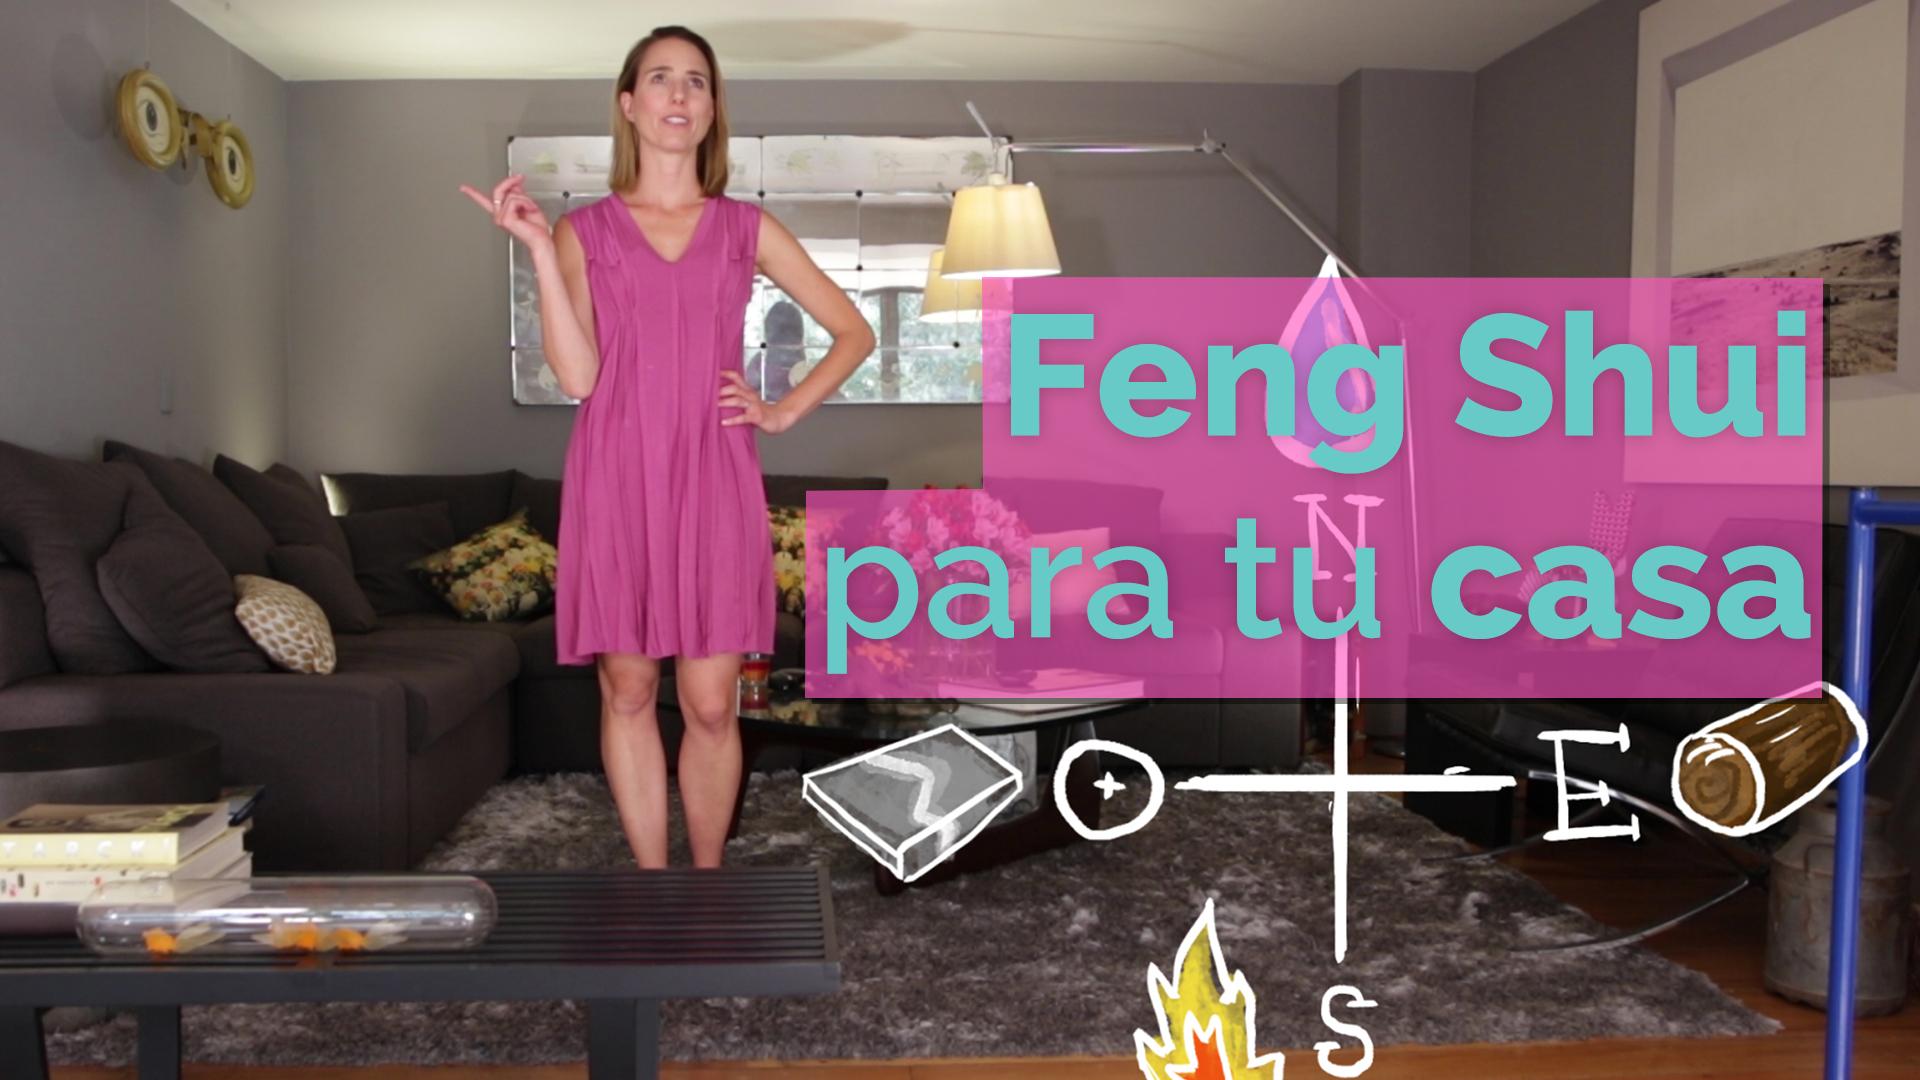 Tips de feng shui para decorar la casa me lo dijo lola for El feng shui en casa